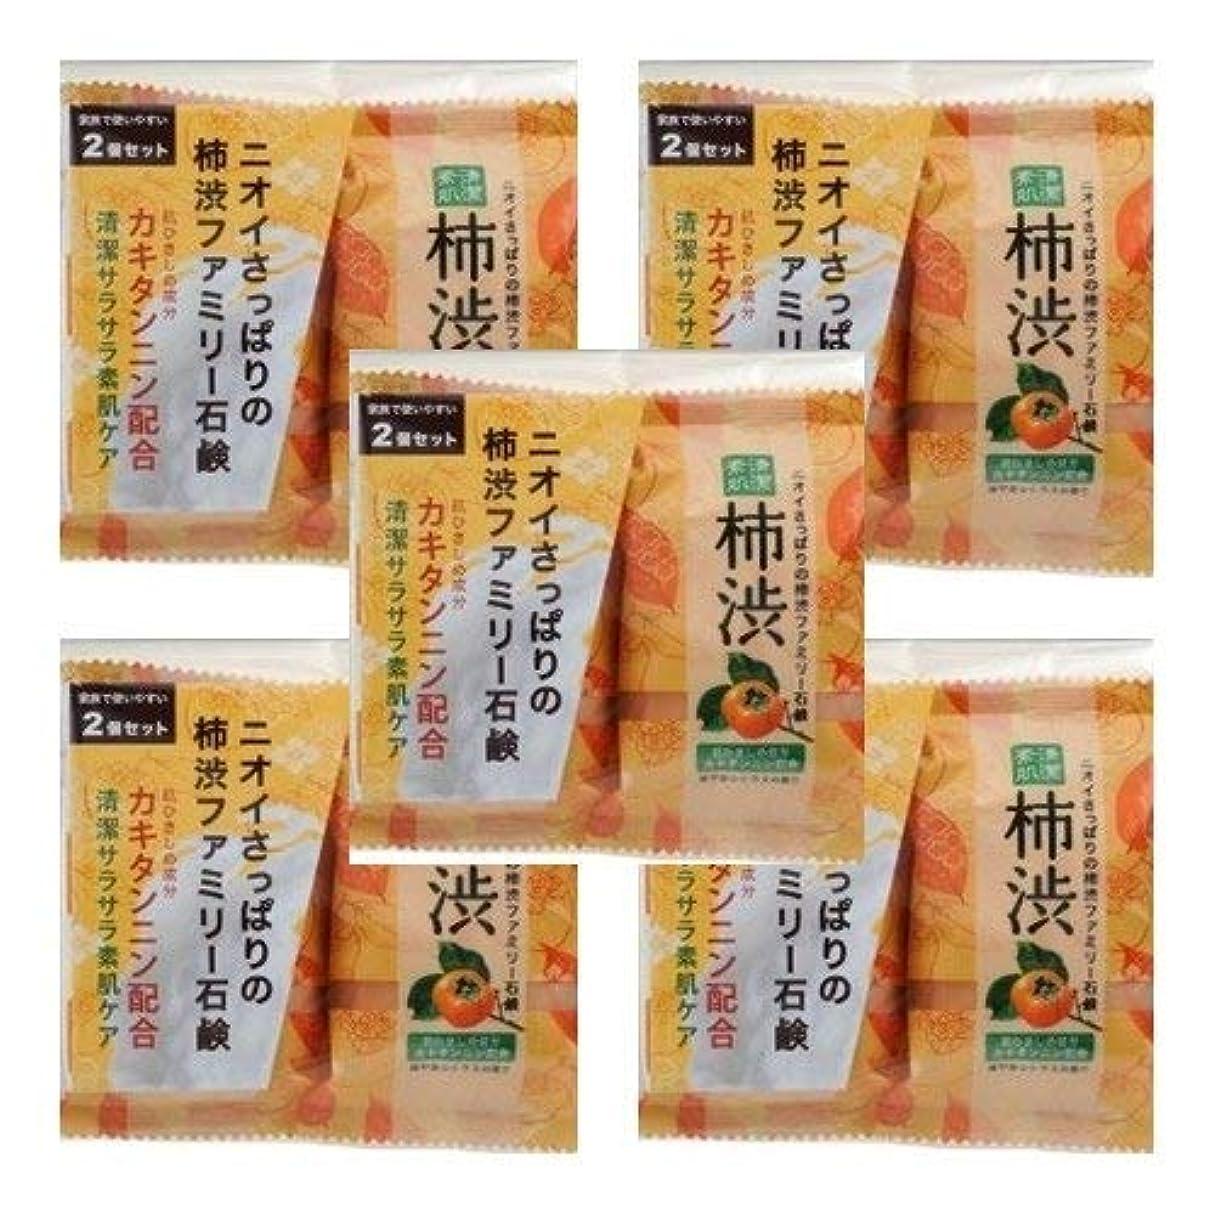 気まぐれなフィット巧みなペリカン石鹸 ファミリー柿渋石けん 2個入×5点セット